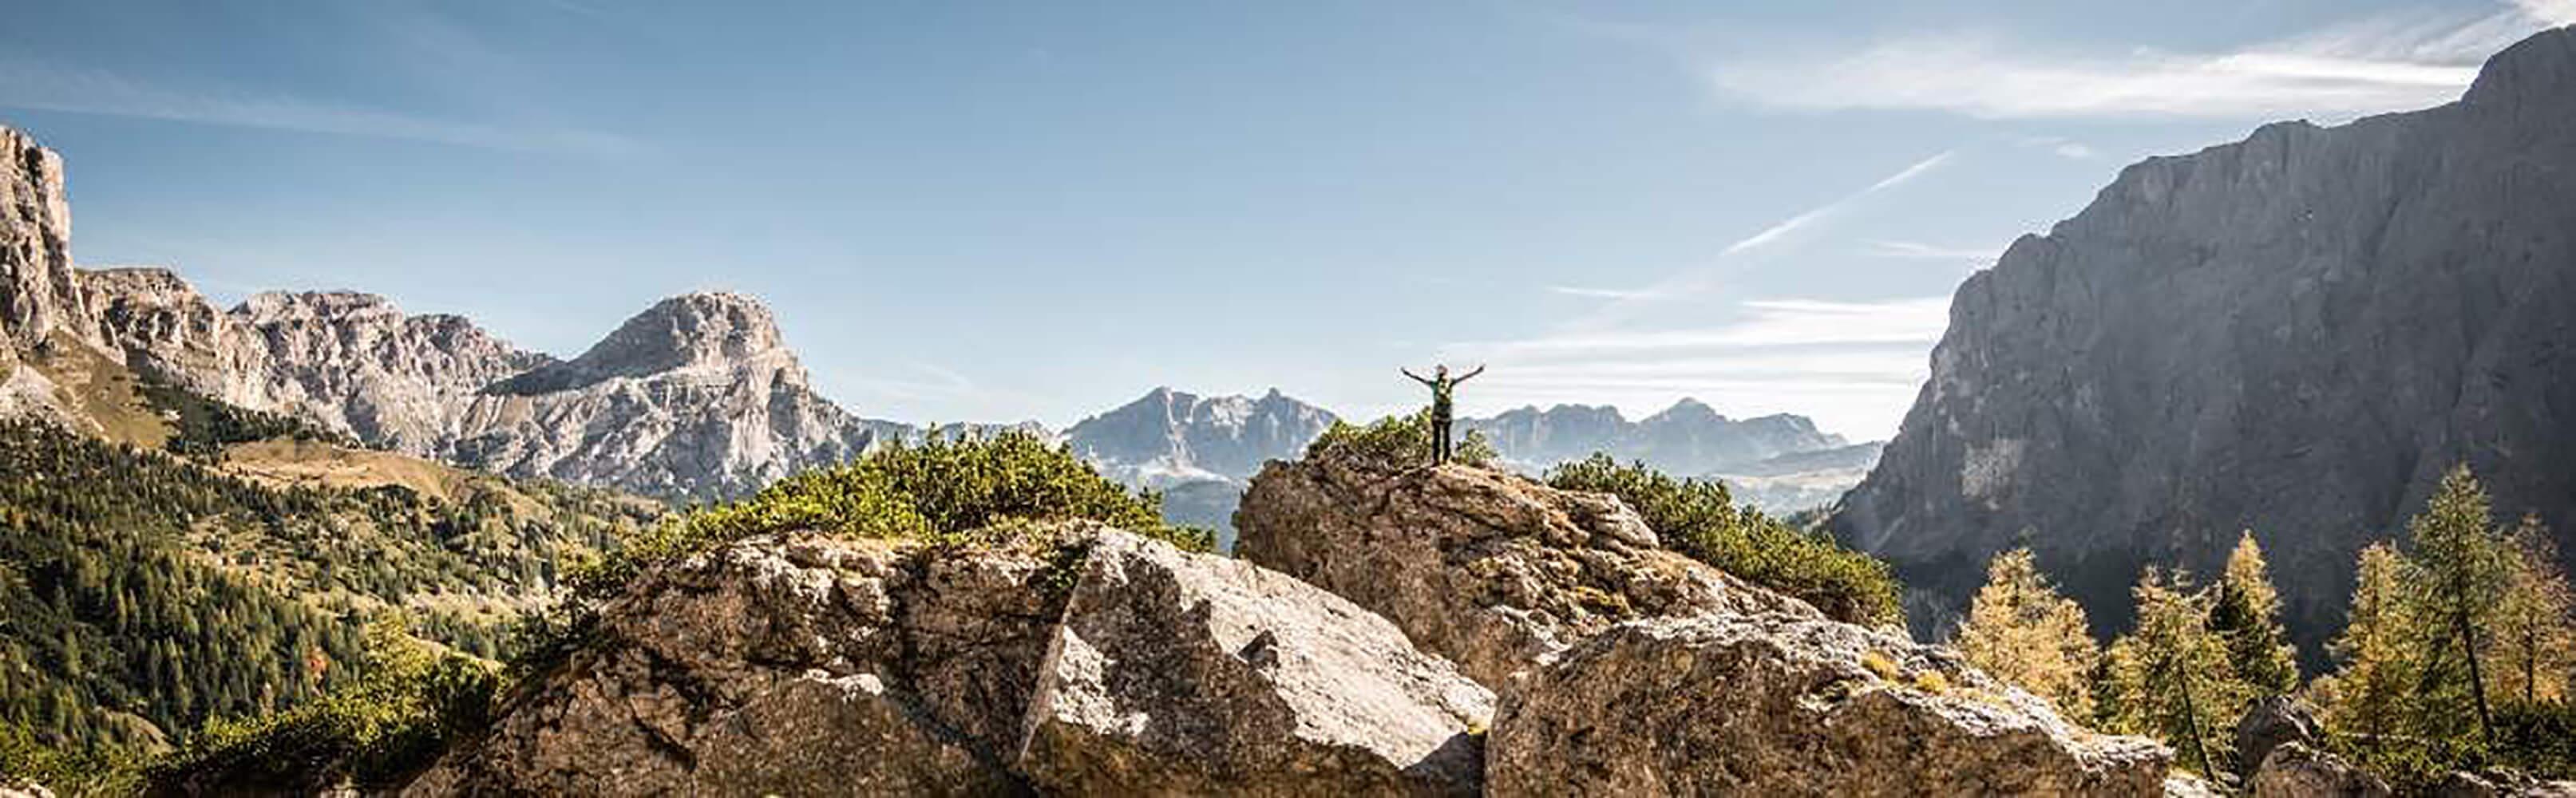 Alta Badia - Wanderspass in den Südtiroler Dolomiten 1